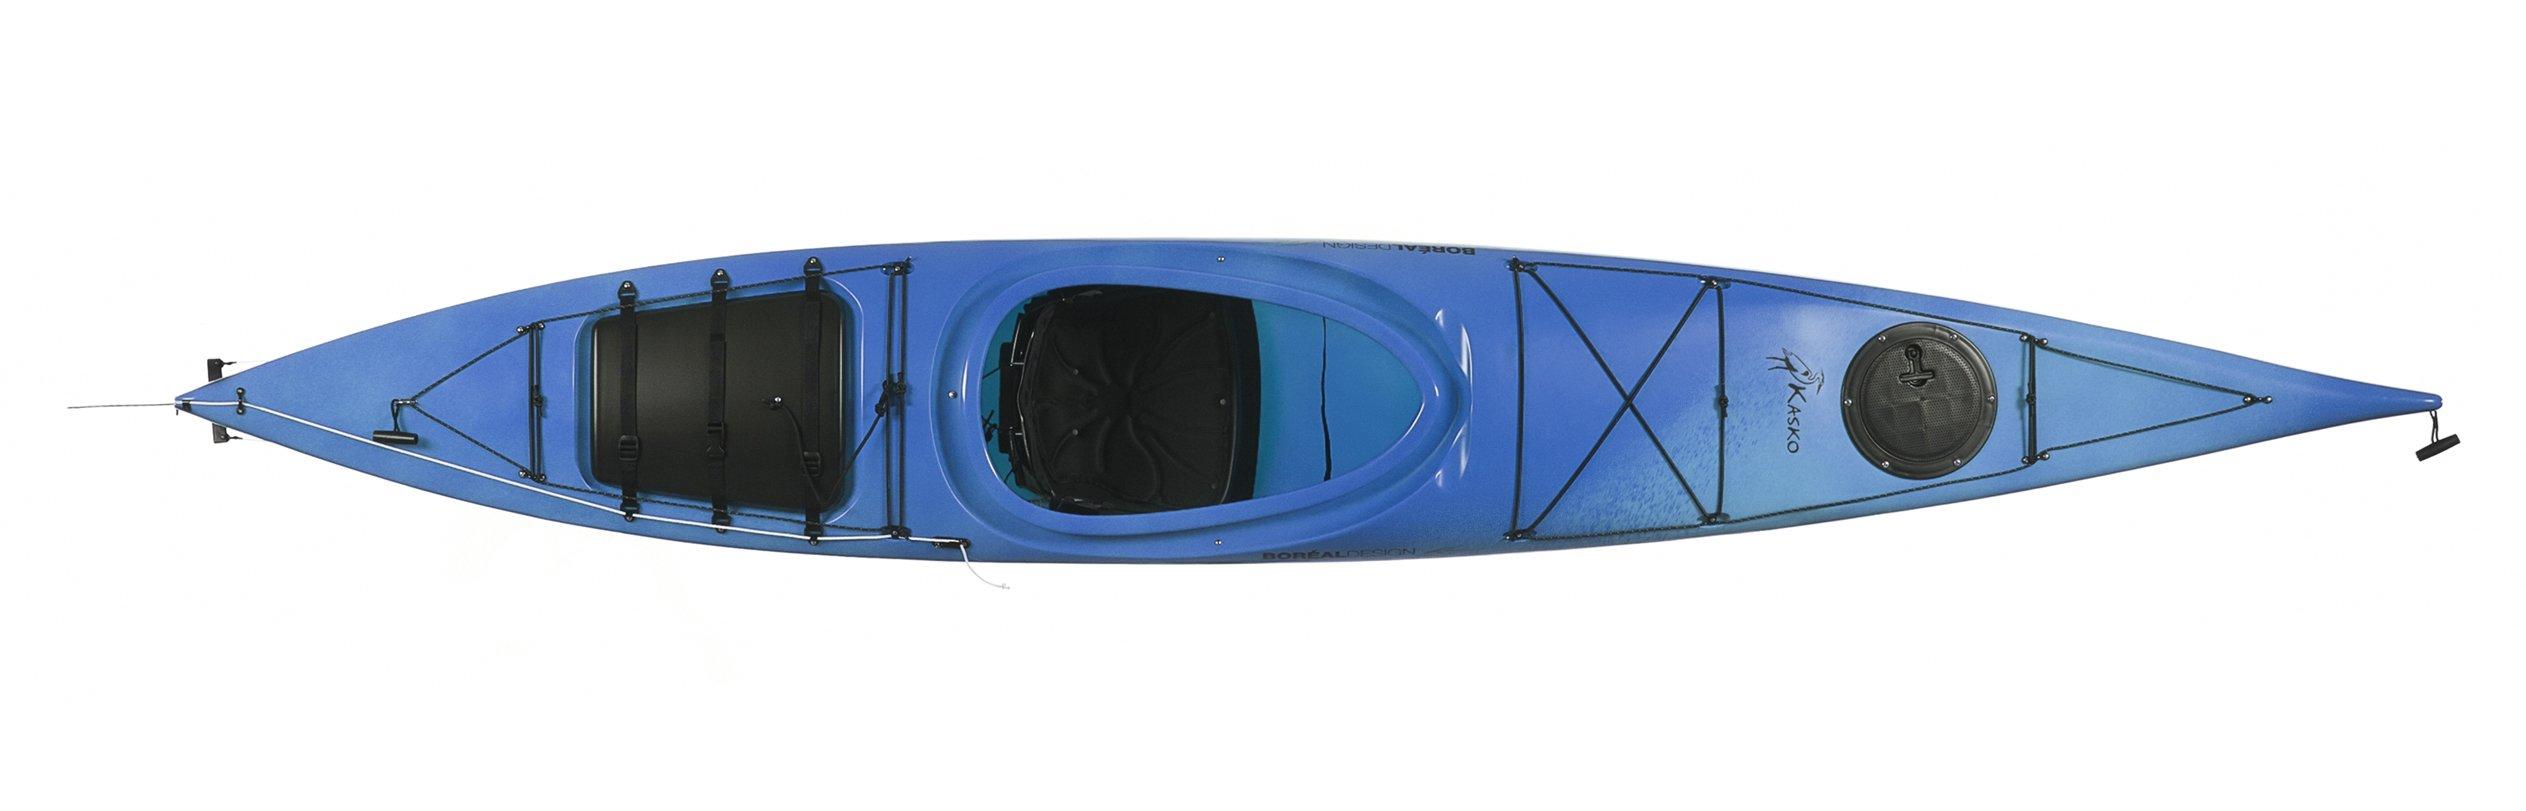 Boreal Design Kasko PE Rudder Touring Kayak, White/Blue by Boreal Design